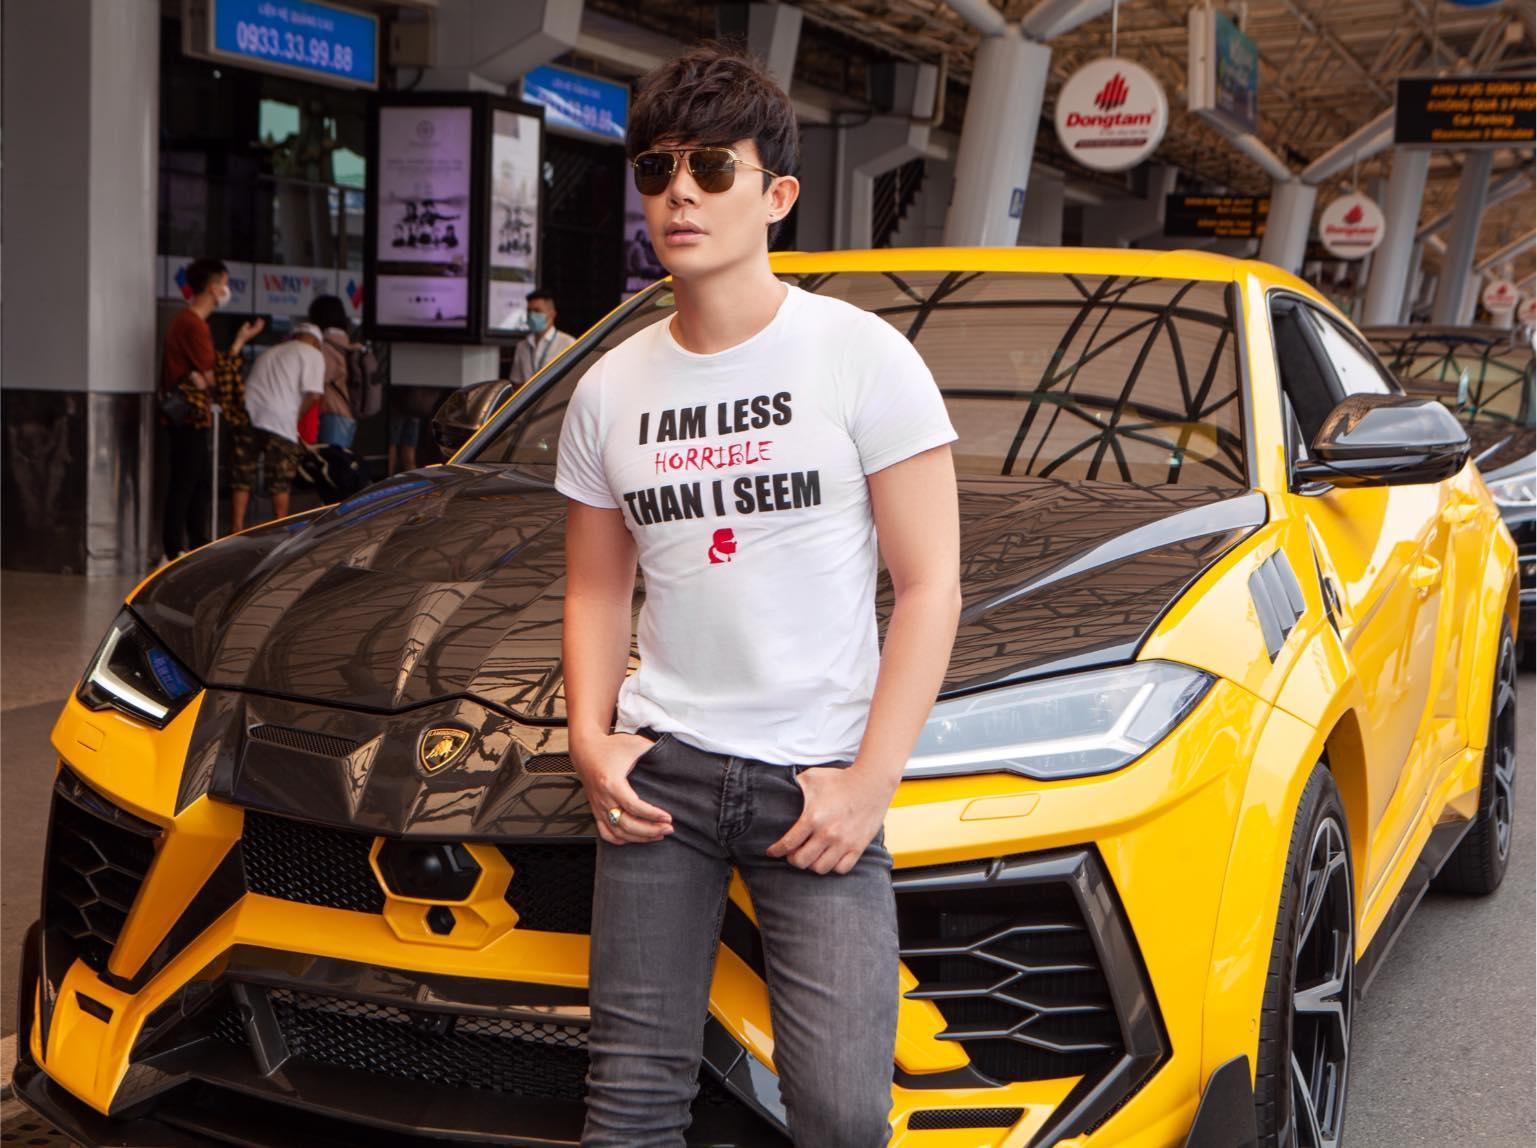 Có thể là hình ảnh về 1 người, đang đứng, kính râm và ô tô